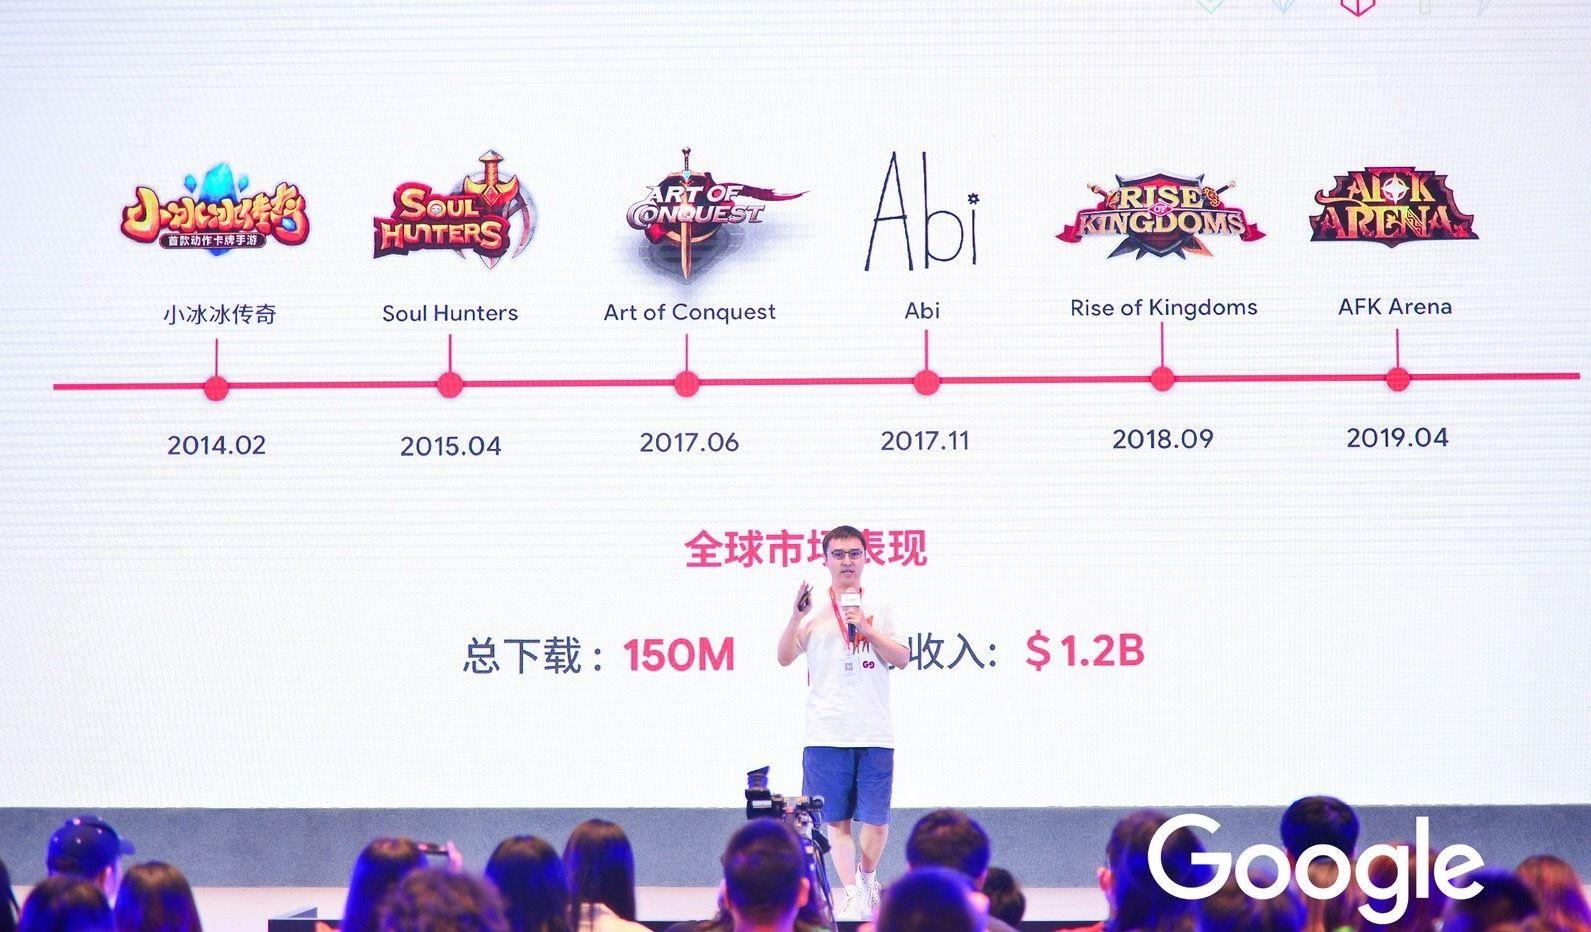 游戏向海外目标市场输出 中国游戏公司应该思考哪些问题?